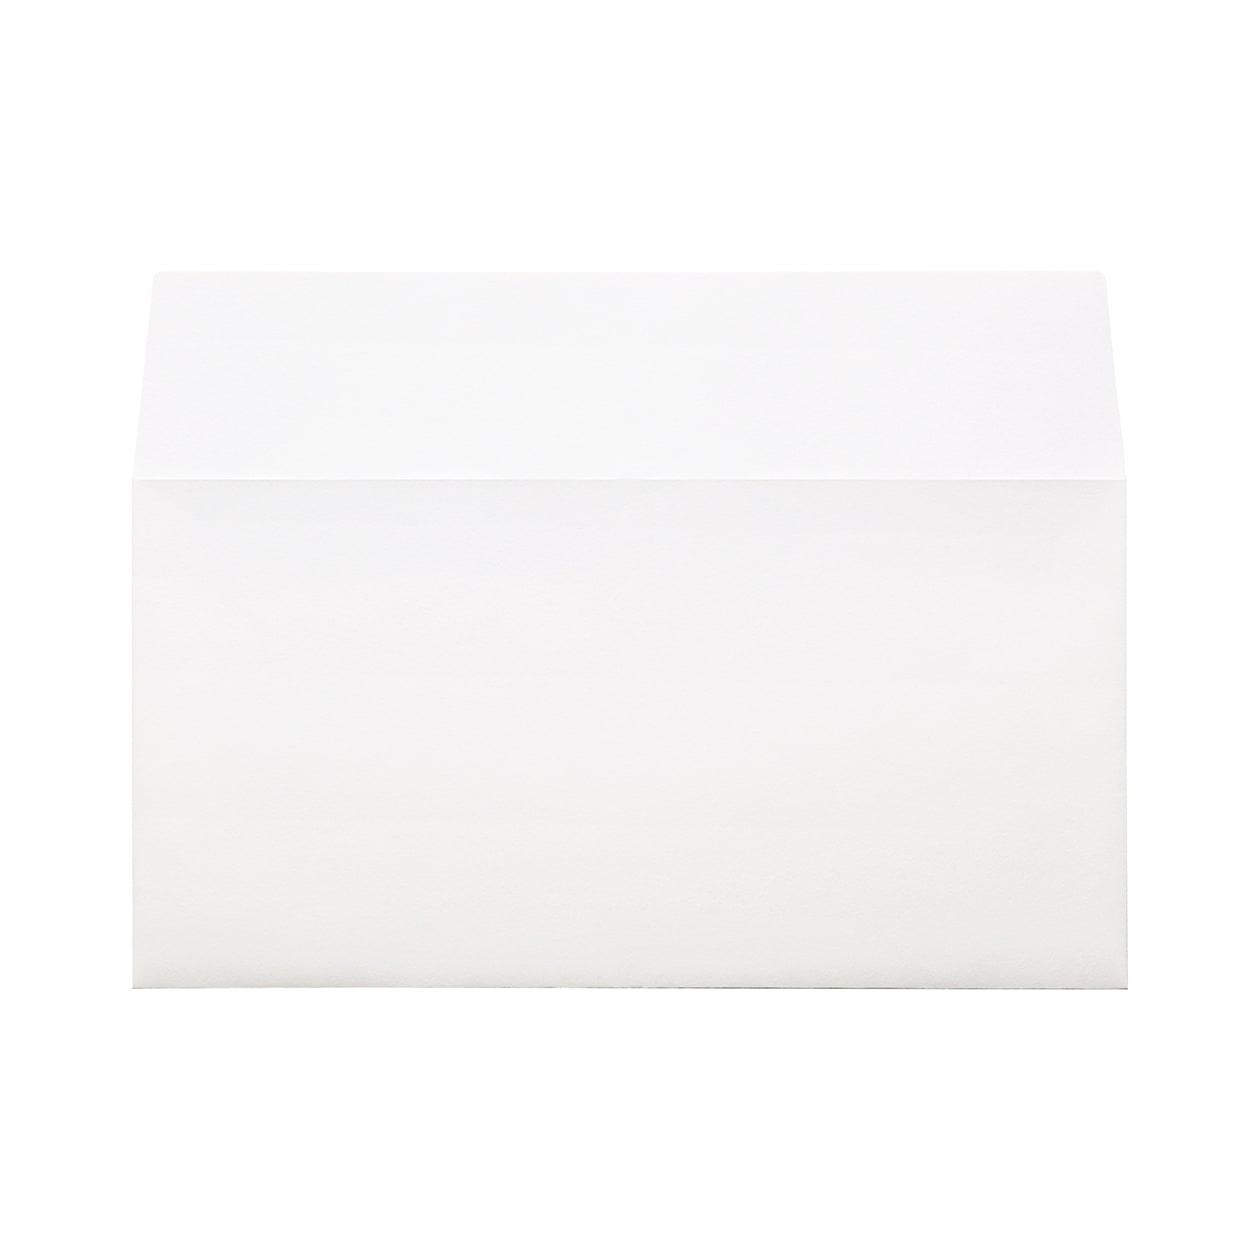 長3カマス封筒(フタ立て) コットン スノーホワイト 116.3g